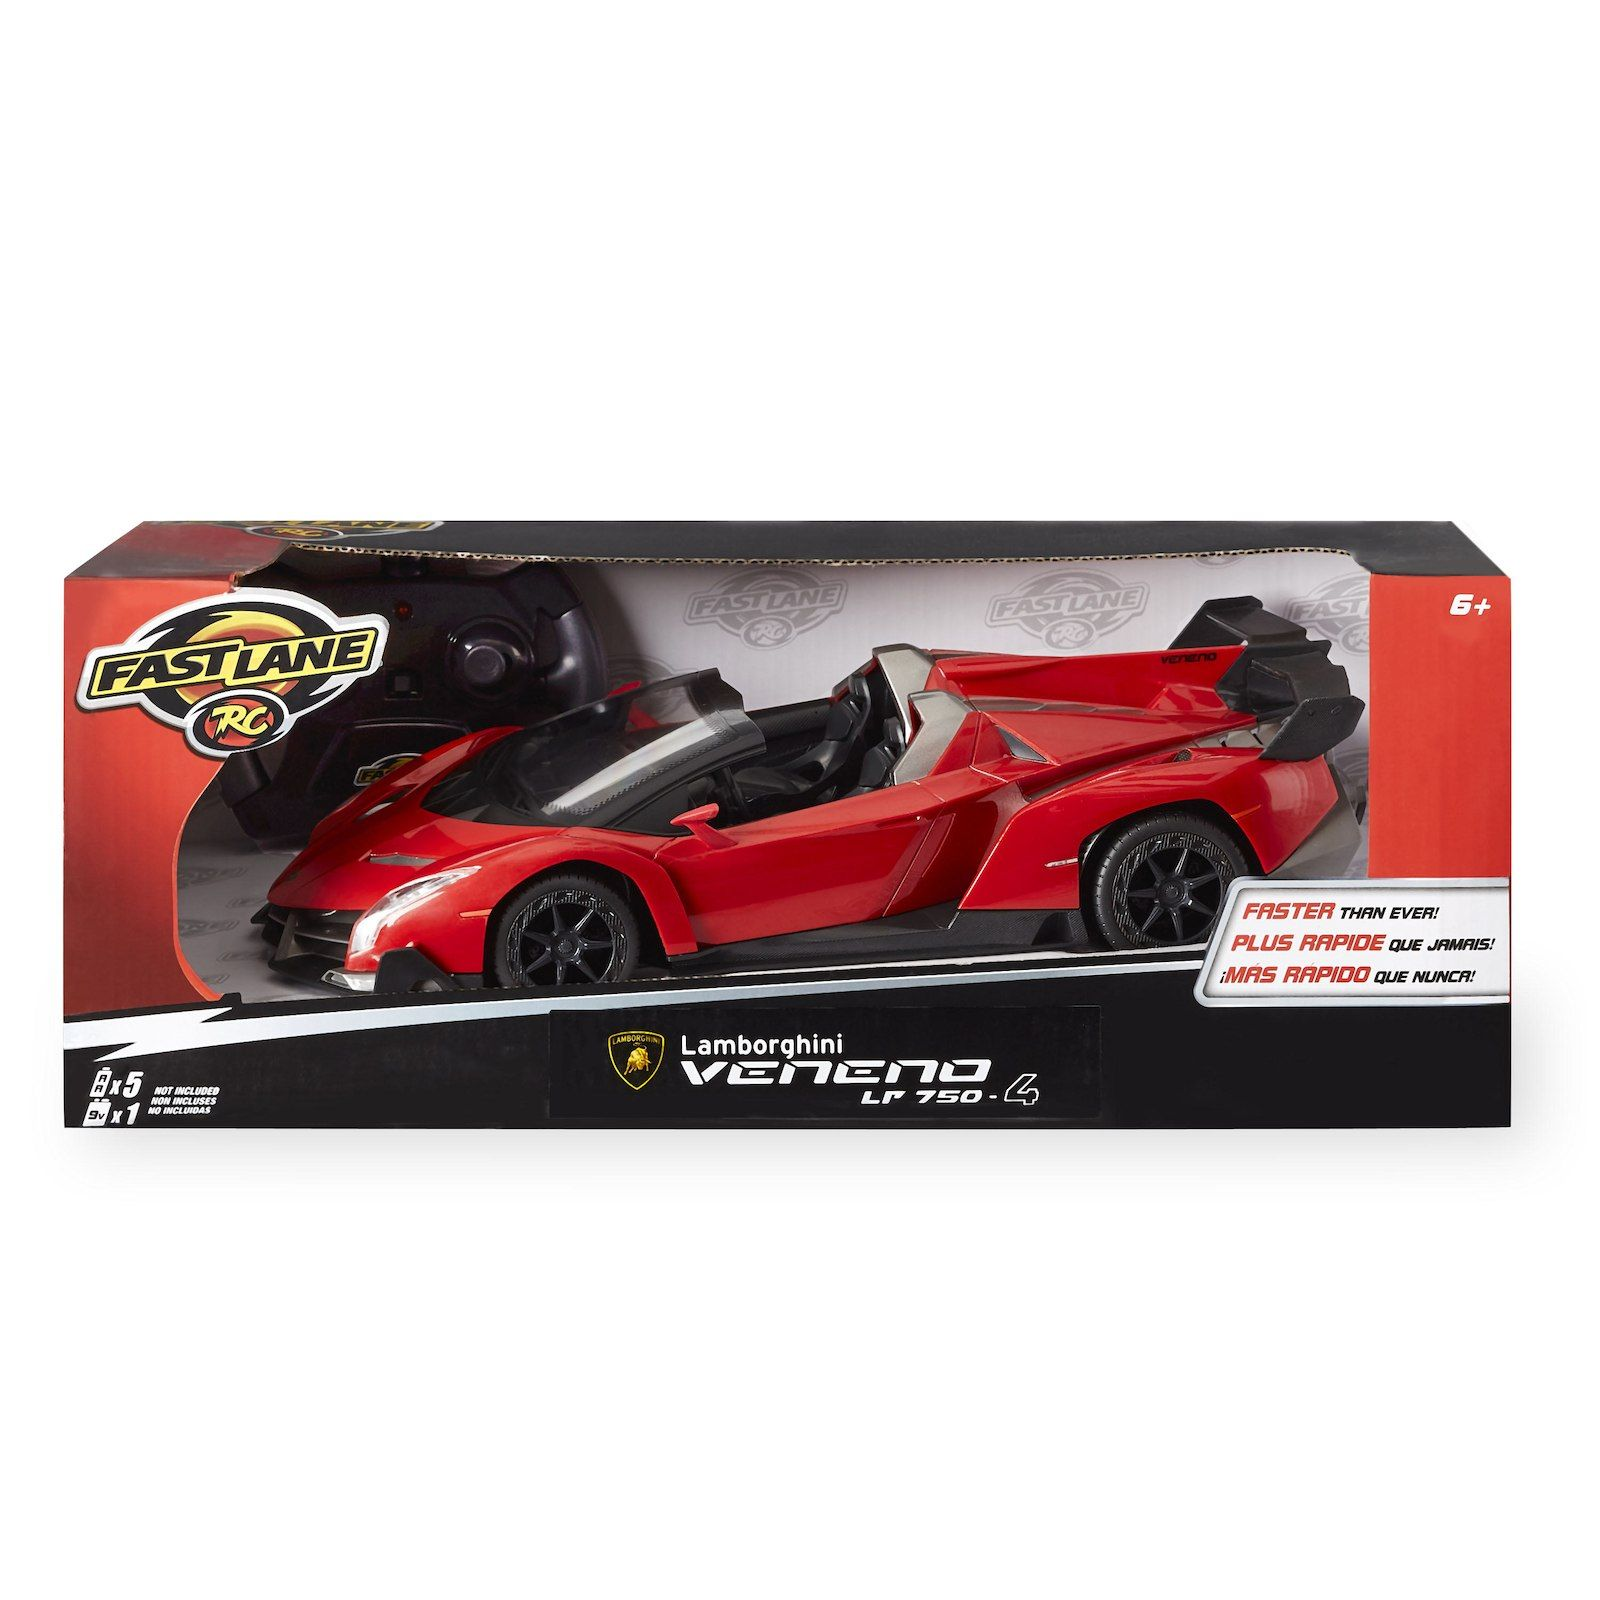 Fast Lane Scale Remote Control Car Lamborghini Veneno LP - Fast 4 car list